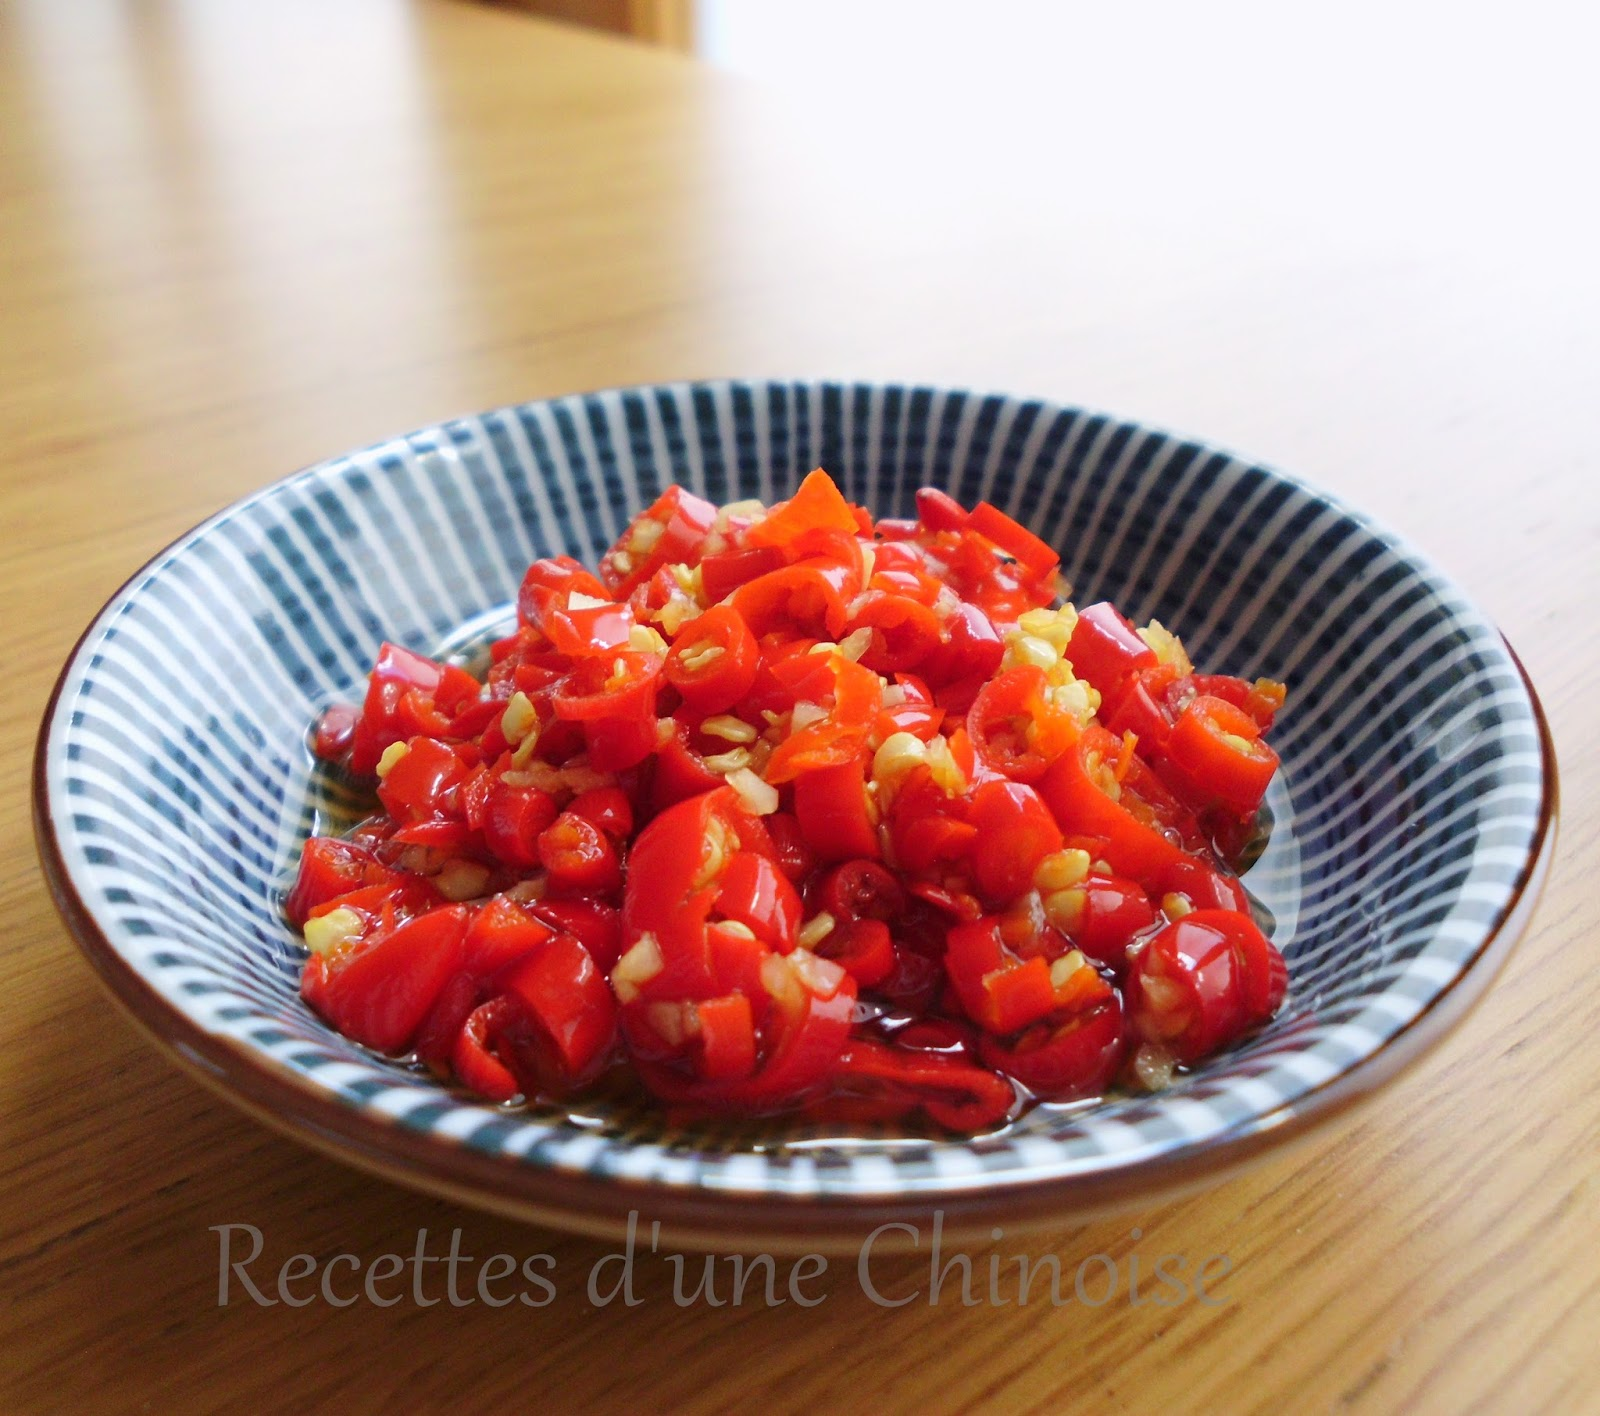 recettes d 39 une chinoise lacto fermentation duo jiao ou piments hach s et ferment s. Black Bedroom Furniture Sets. Home Design Ideas